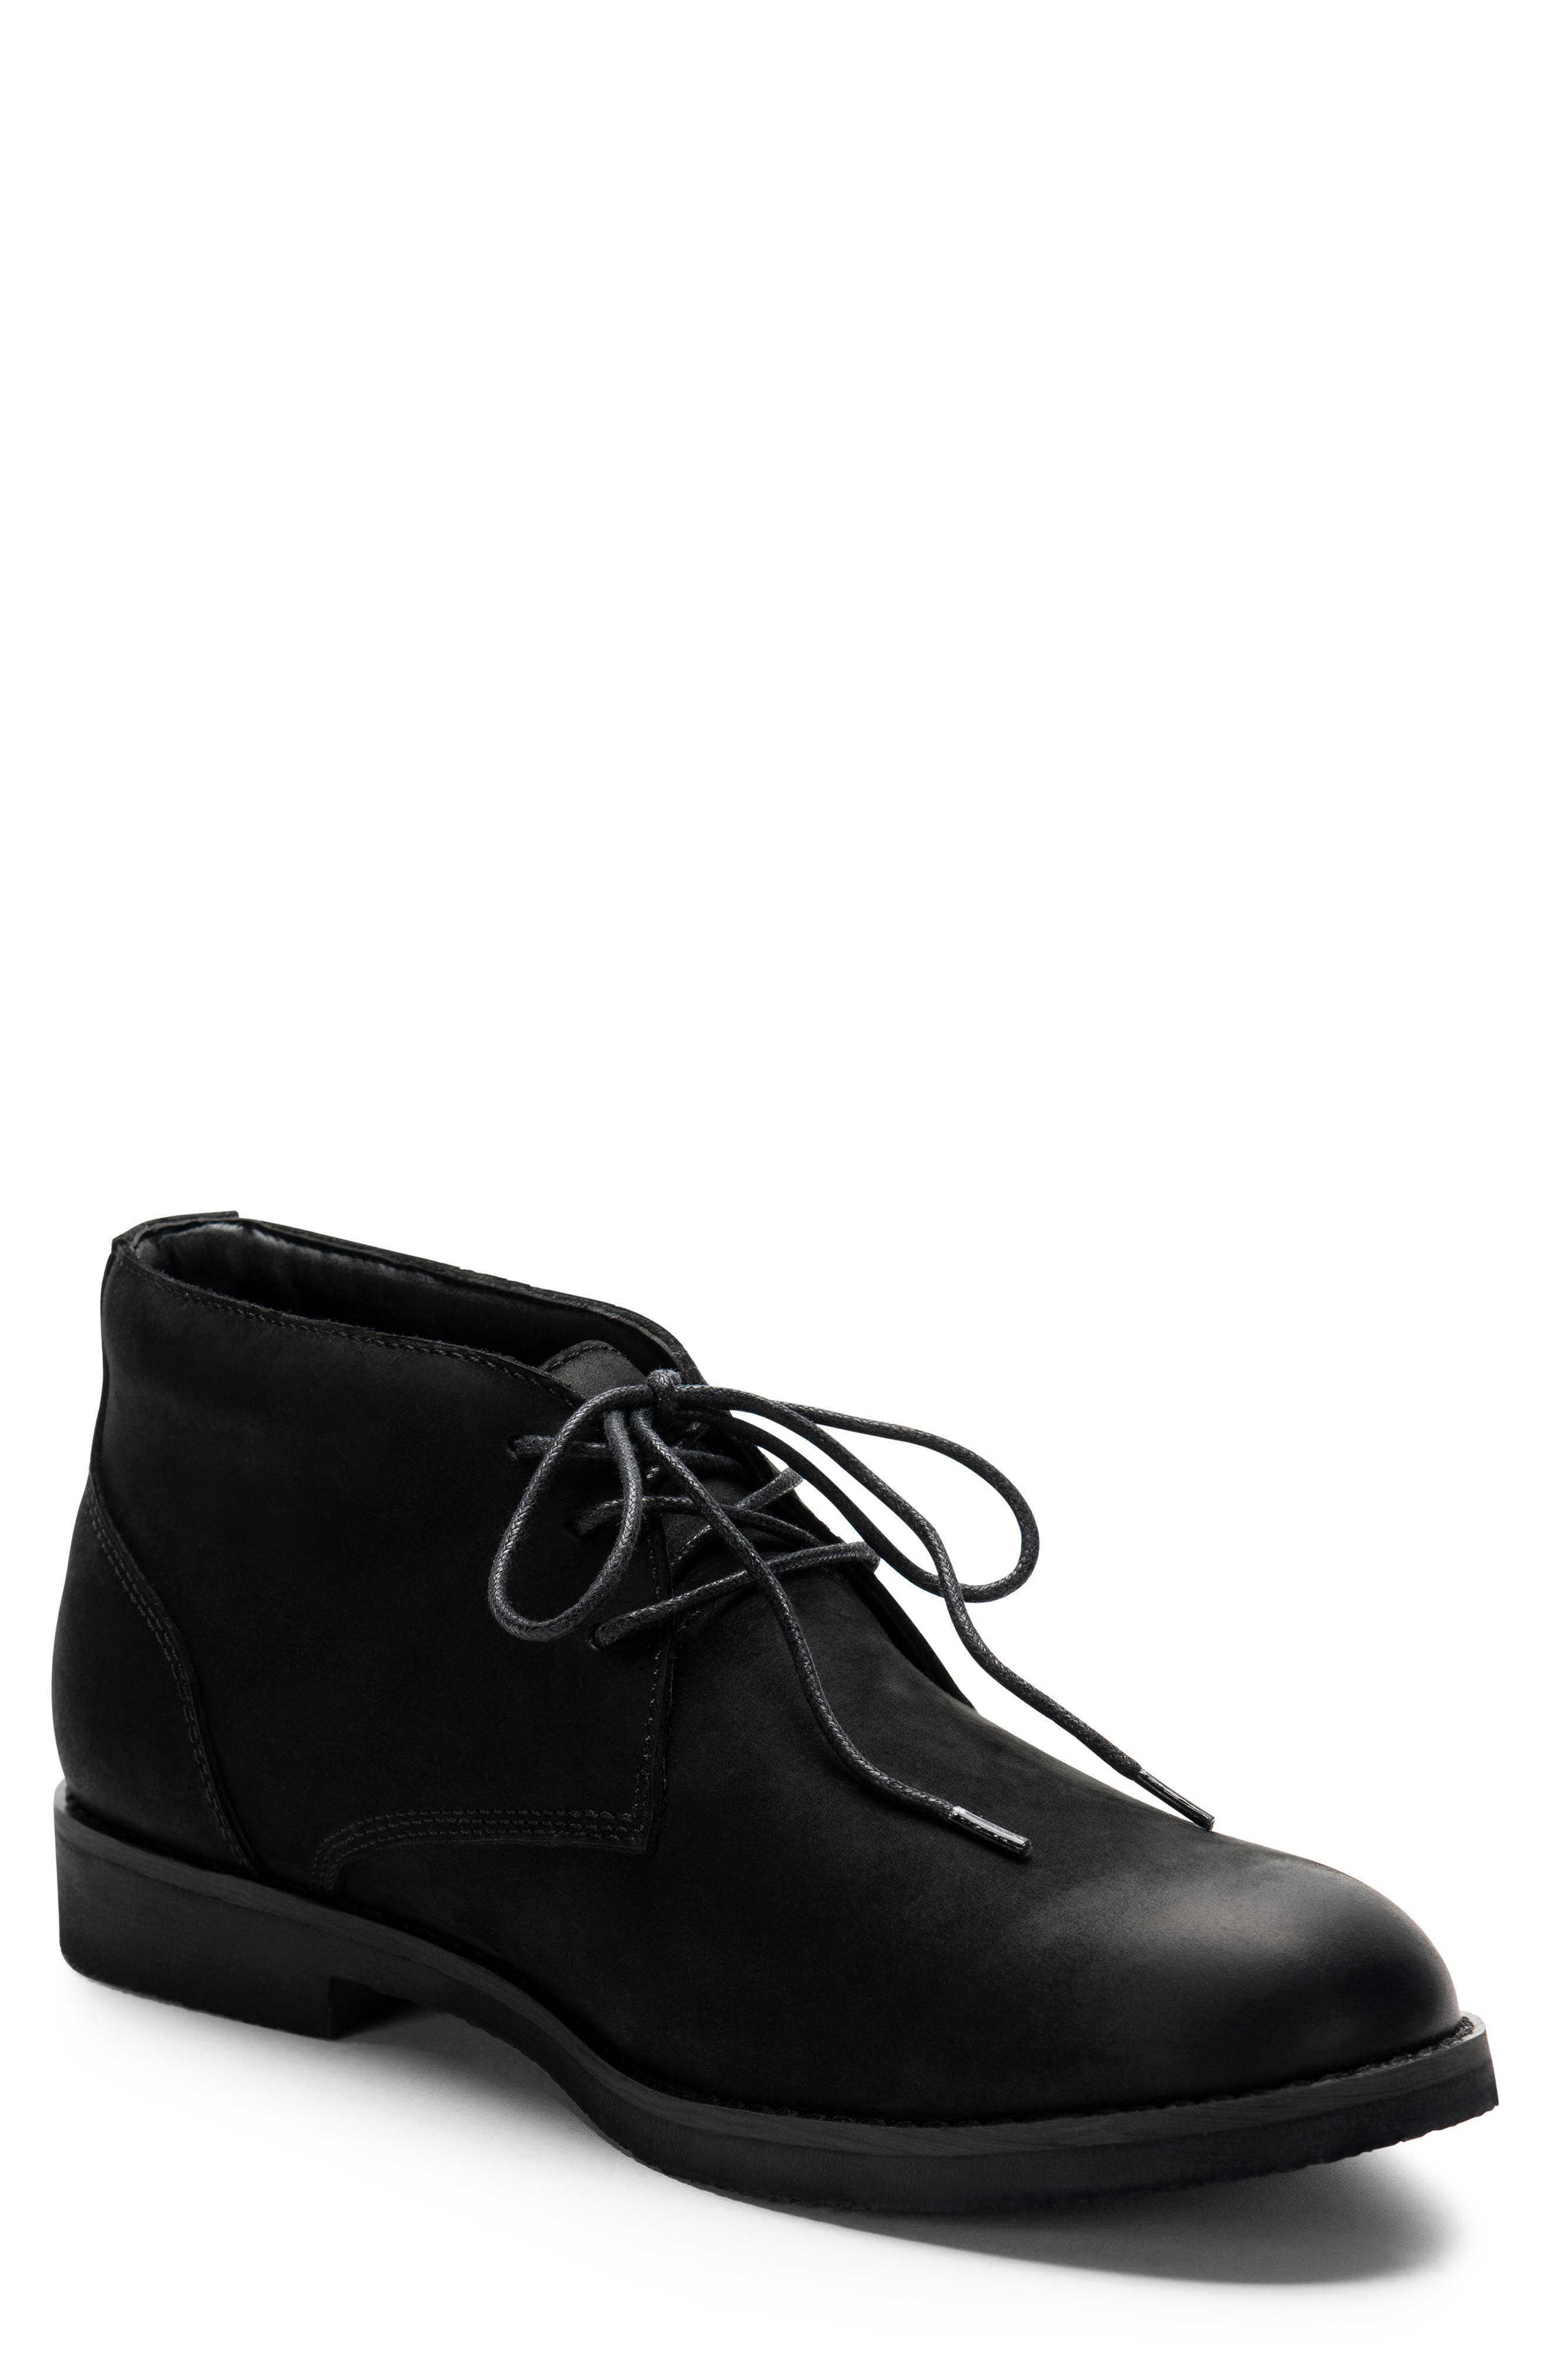 Blondo Gary Waterproof Chukka Boot, Black